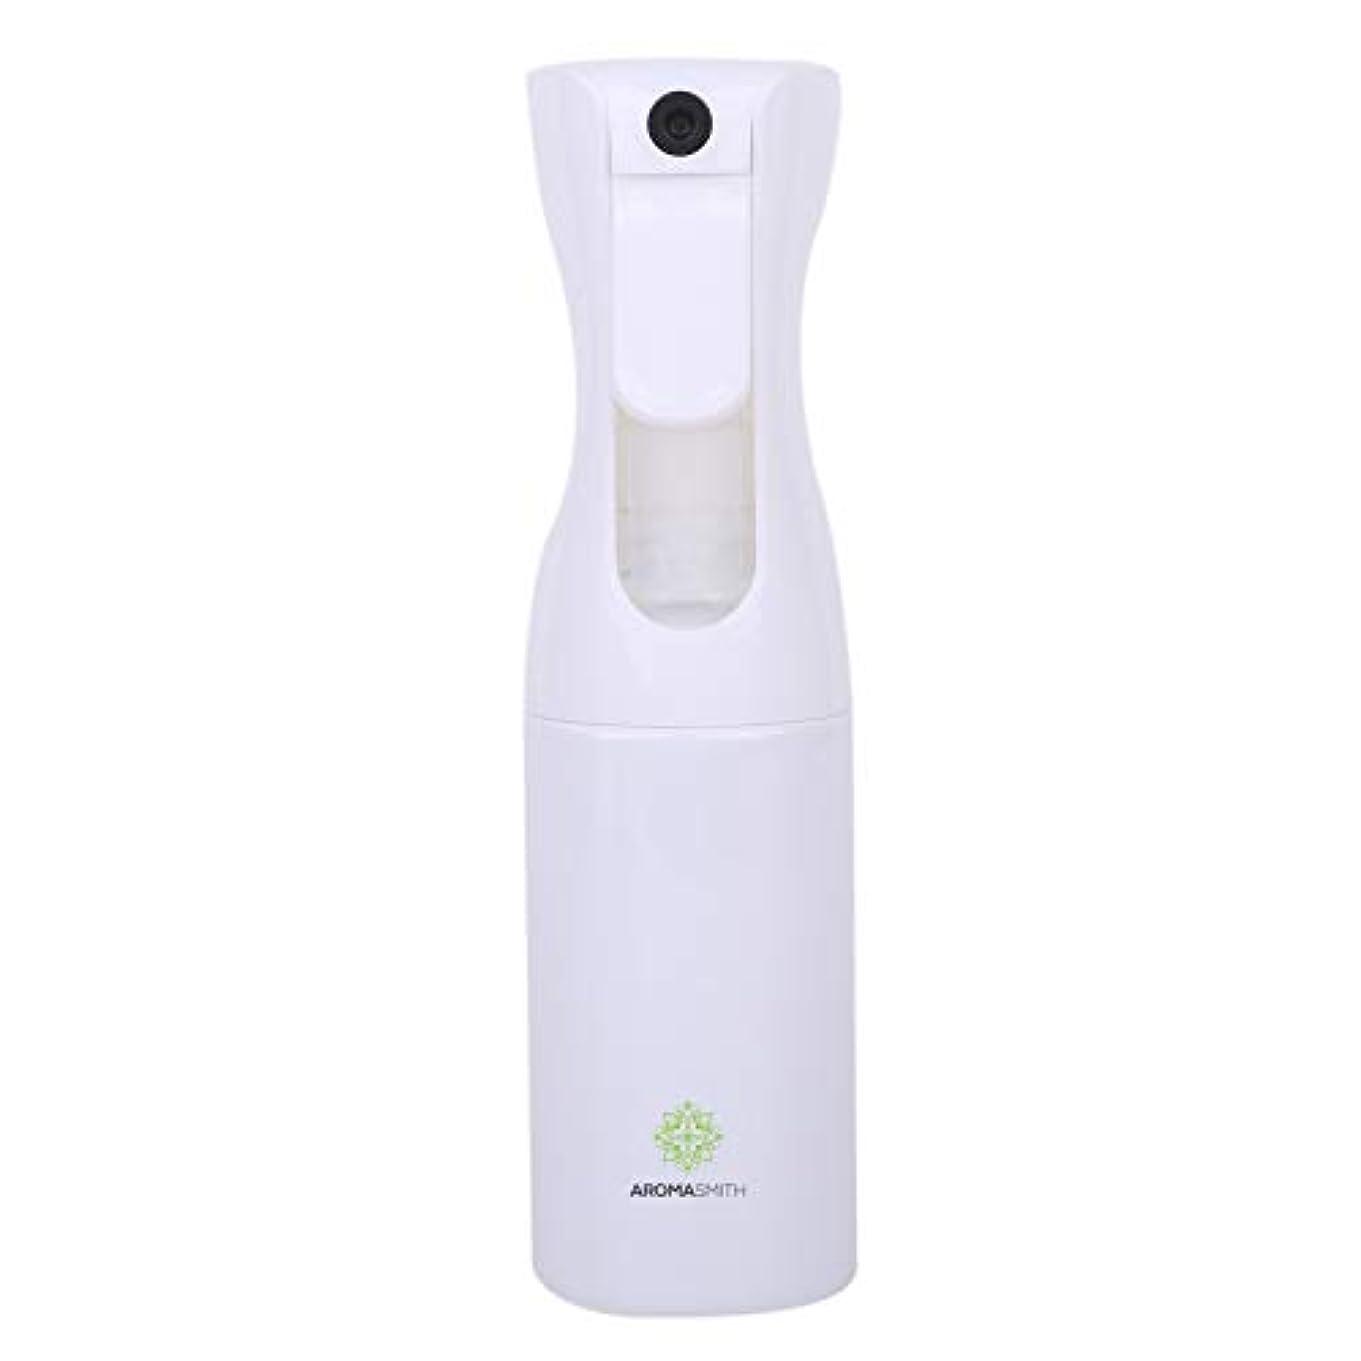 アロマスミス ミスティースプレー スプレーボトル 連続ミスト噴射可能 160ml (Mサイズ 160ml, ホワイトキャップにホワイトボトル)